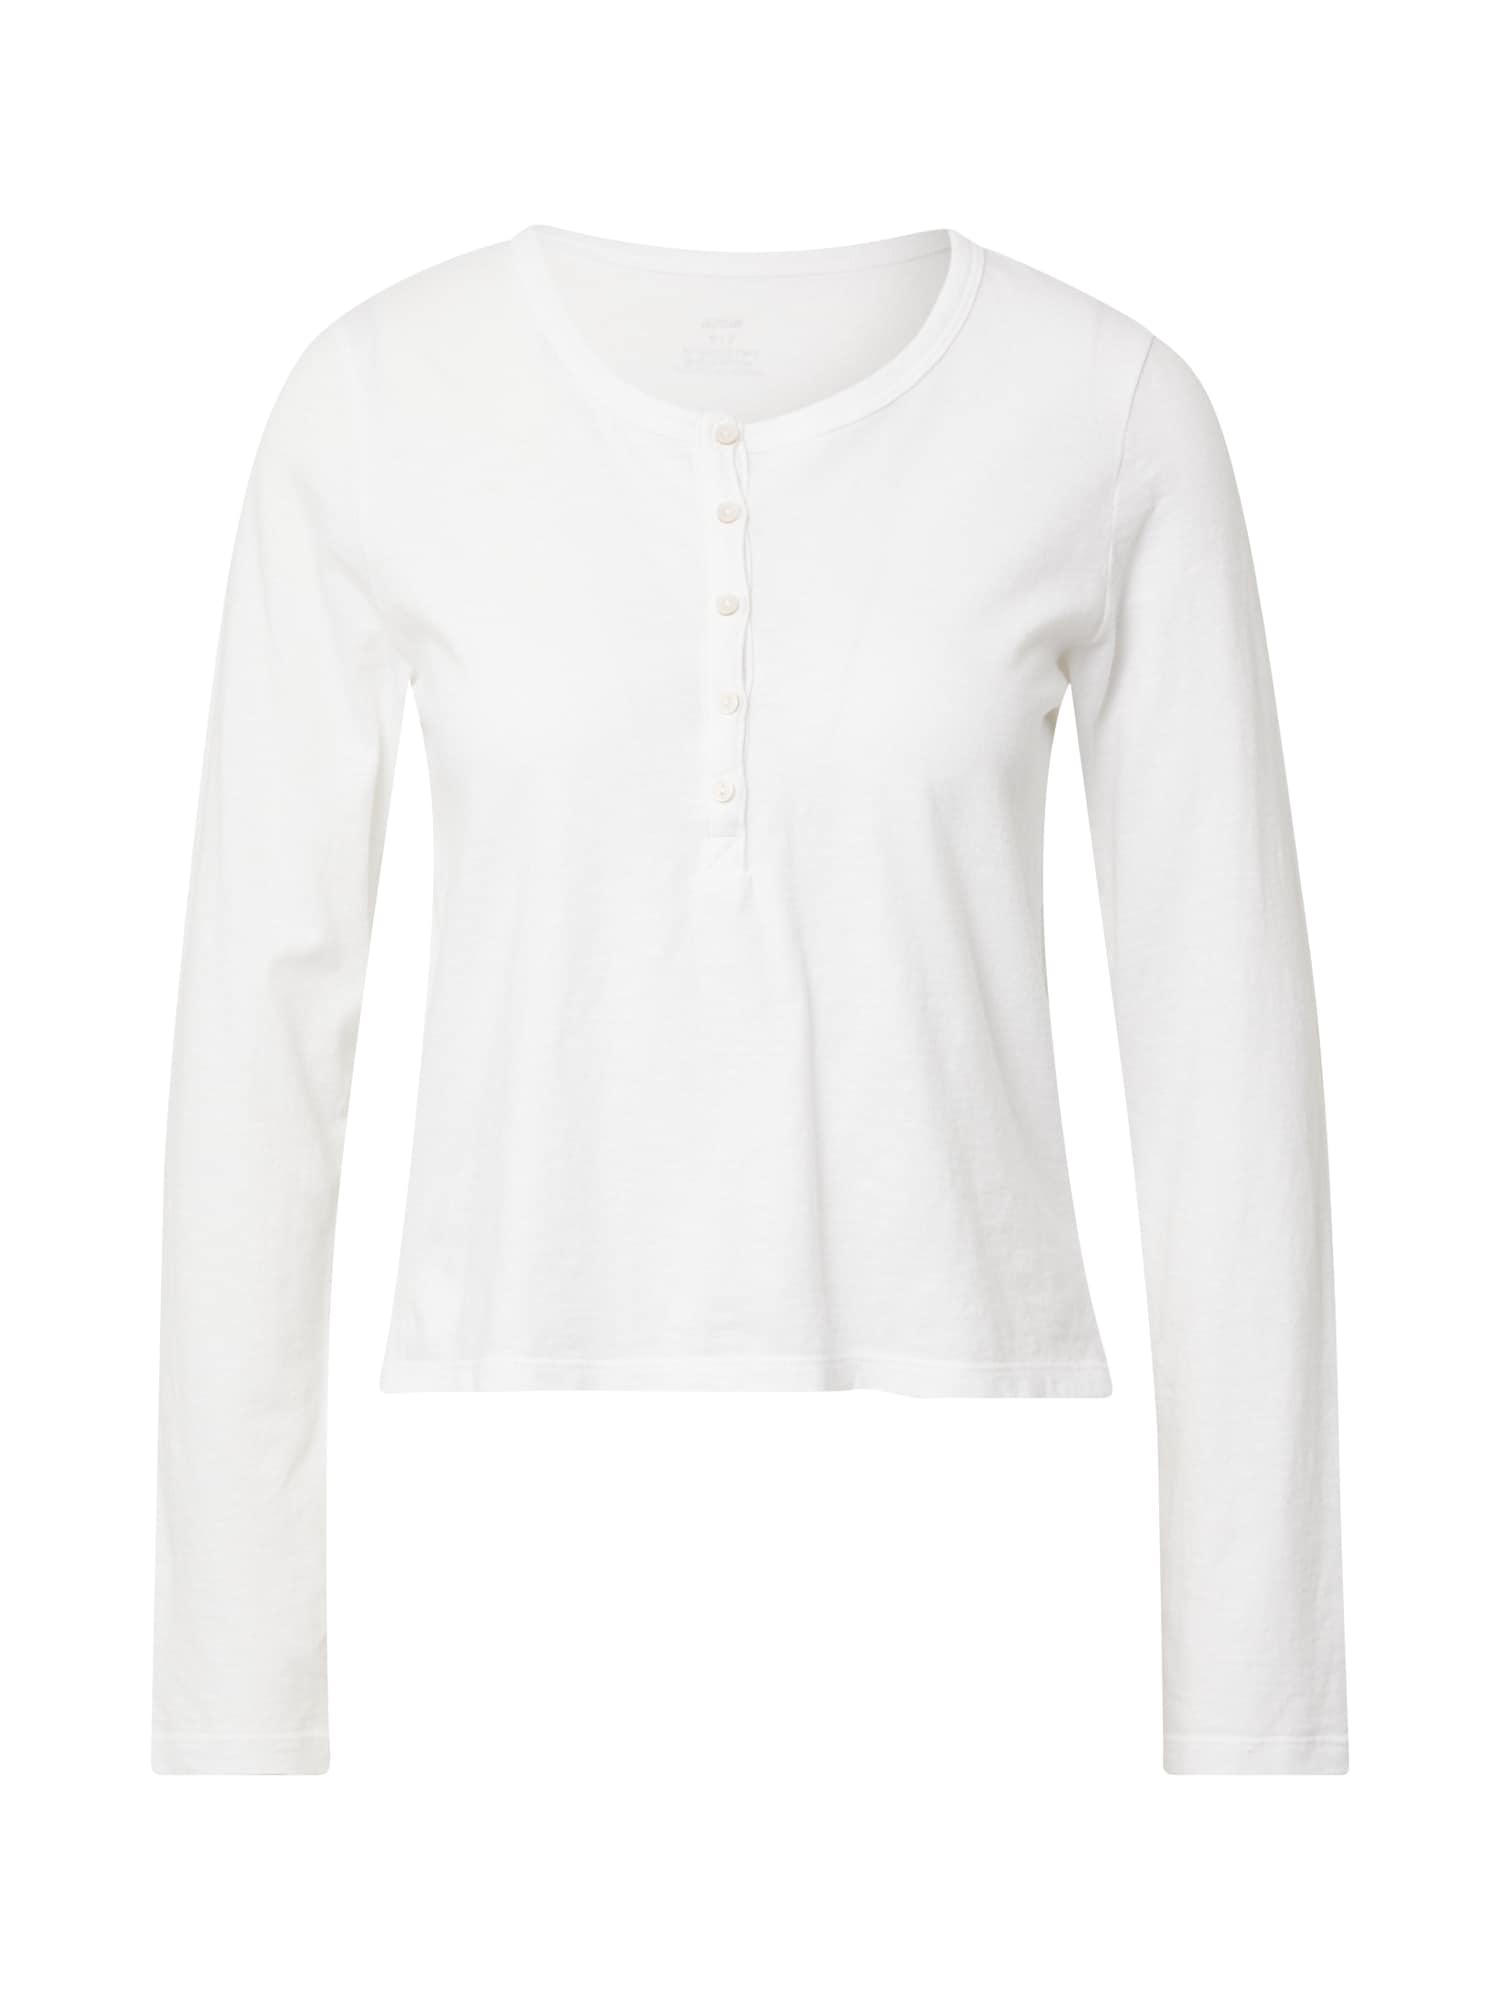 AERIE Pižaminiai marškinėliai balta